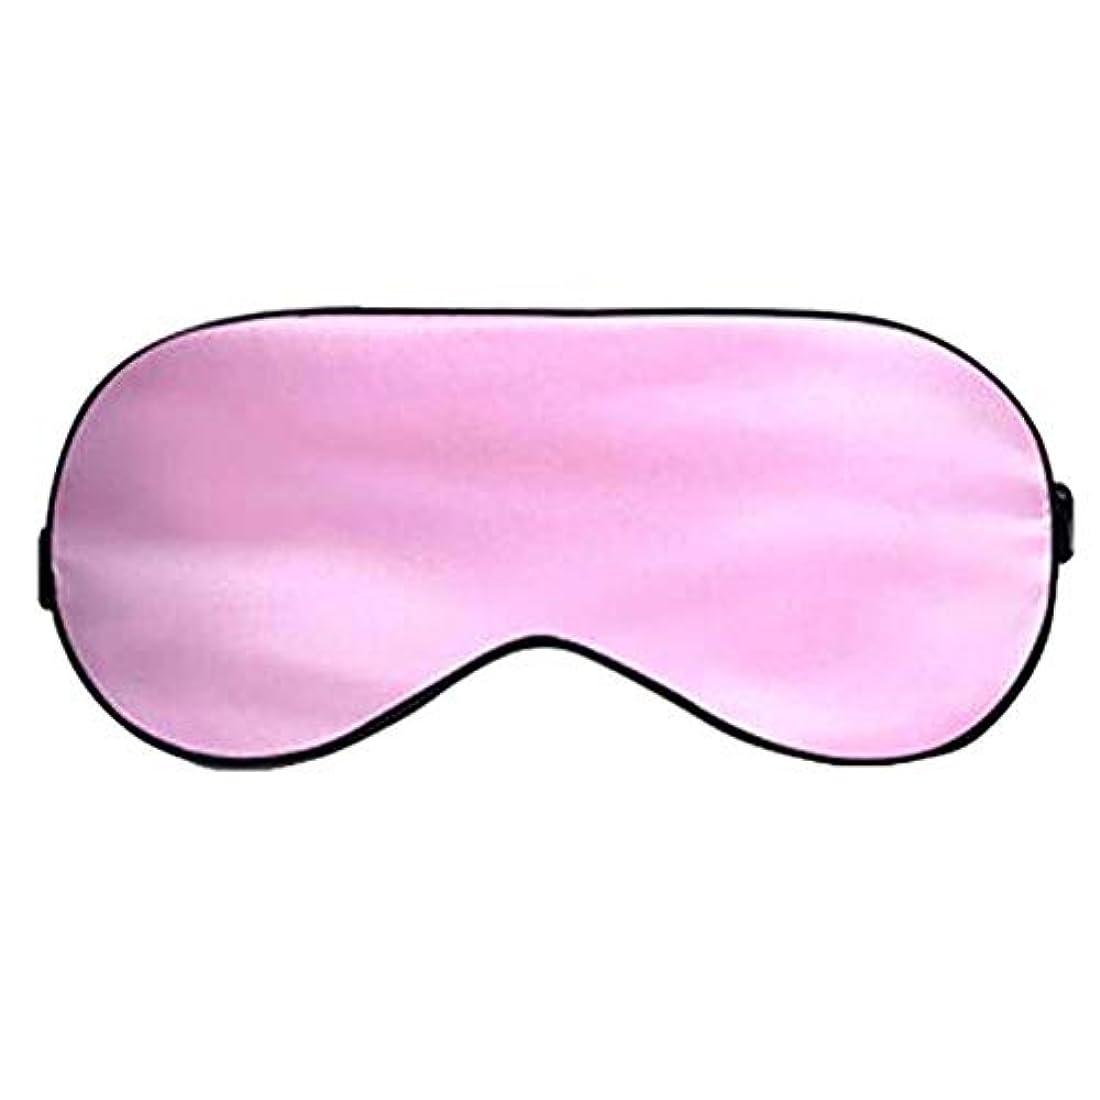 評決差し引くガソリンピンクシルク睡眠アイシェッド睡眠アイマスク睡眠用調節可能なストラップ